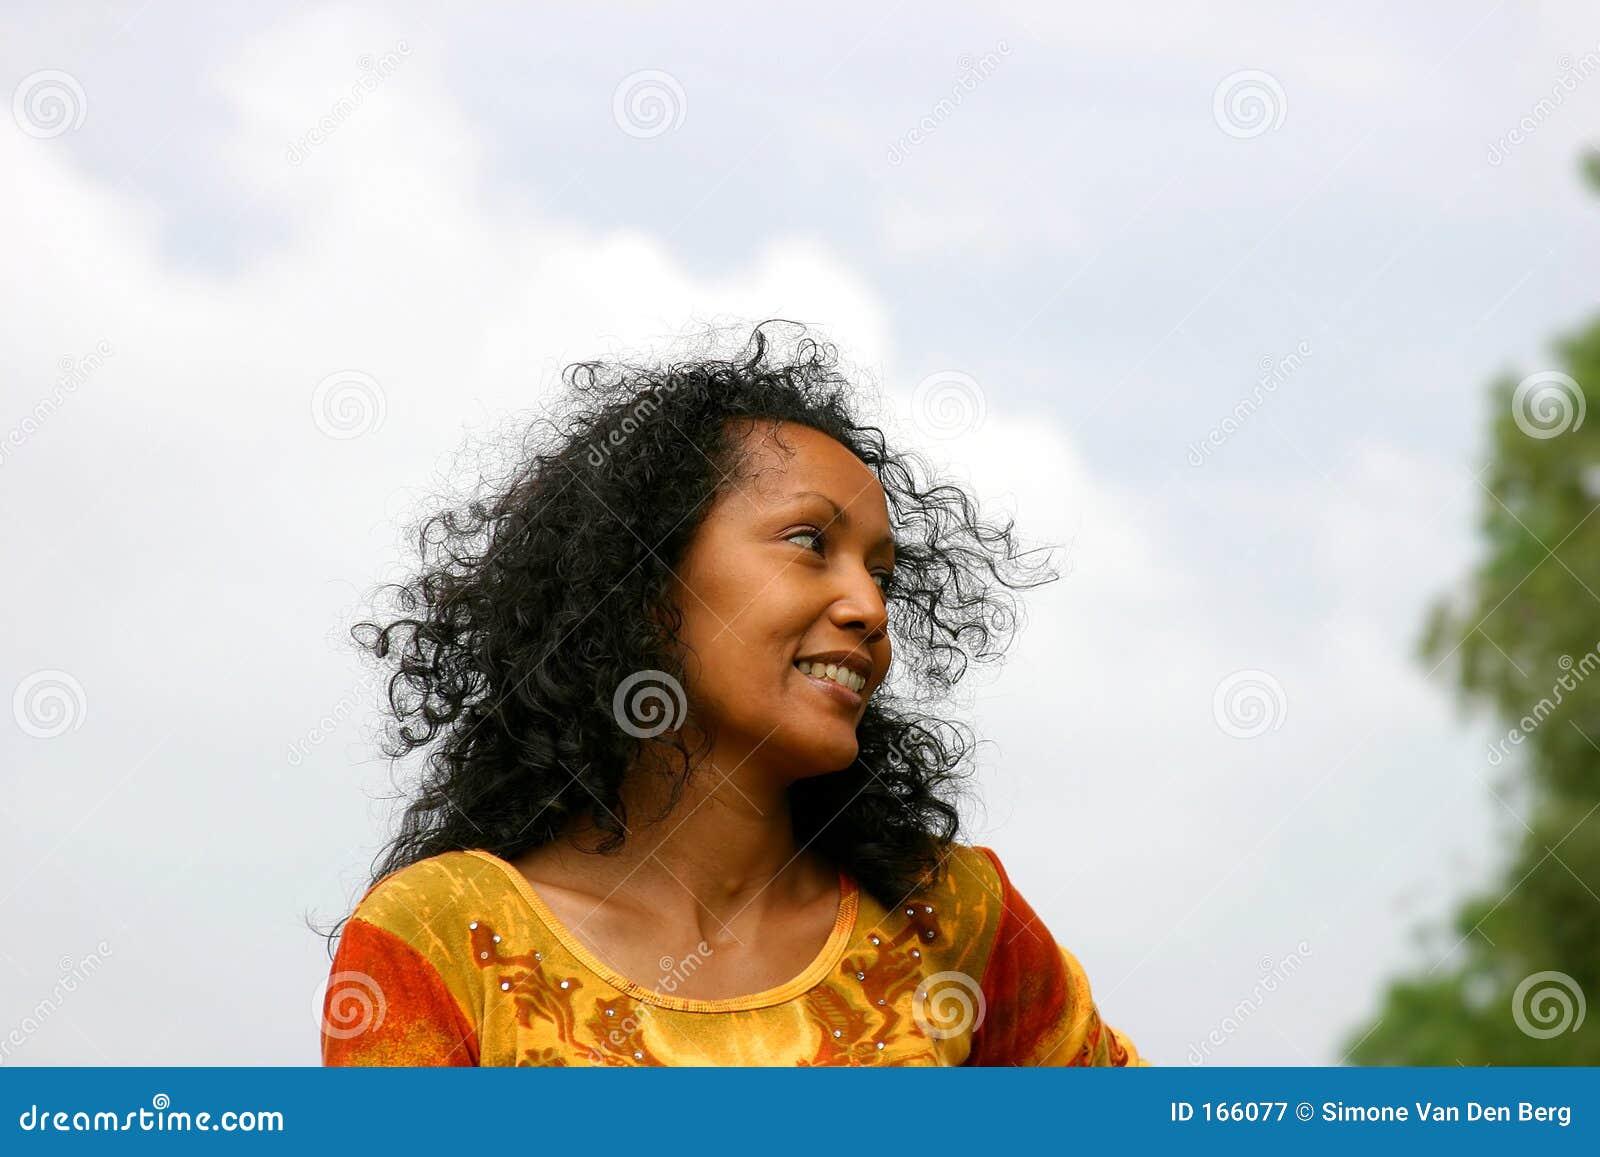 Beautiful dark woman smiling